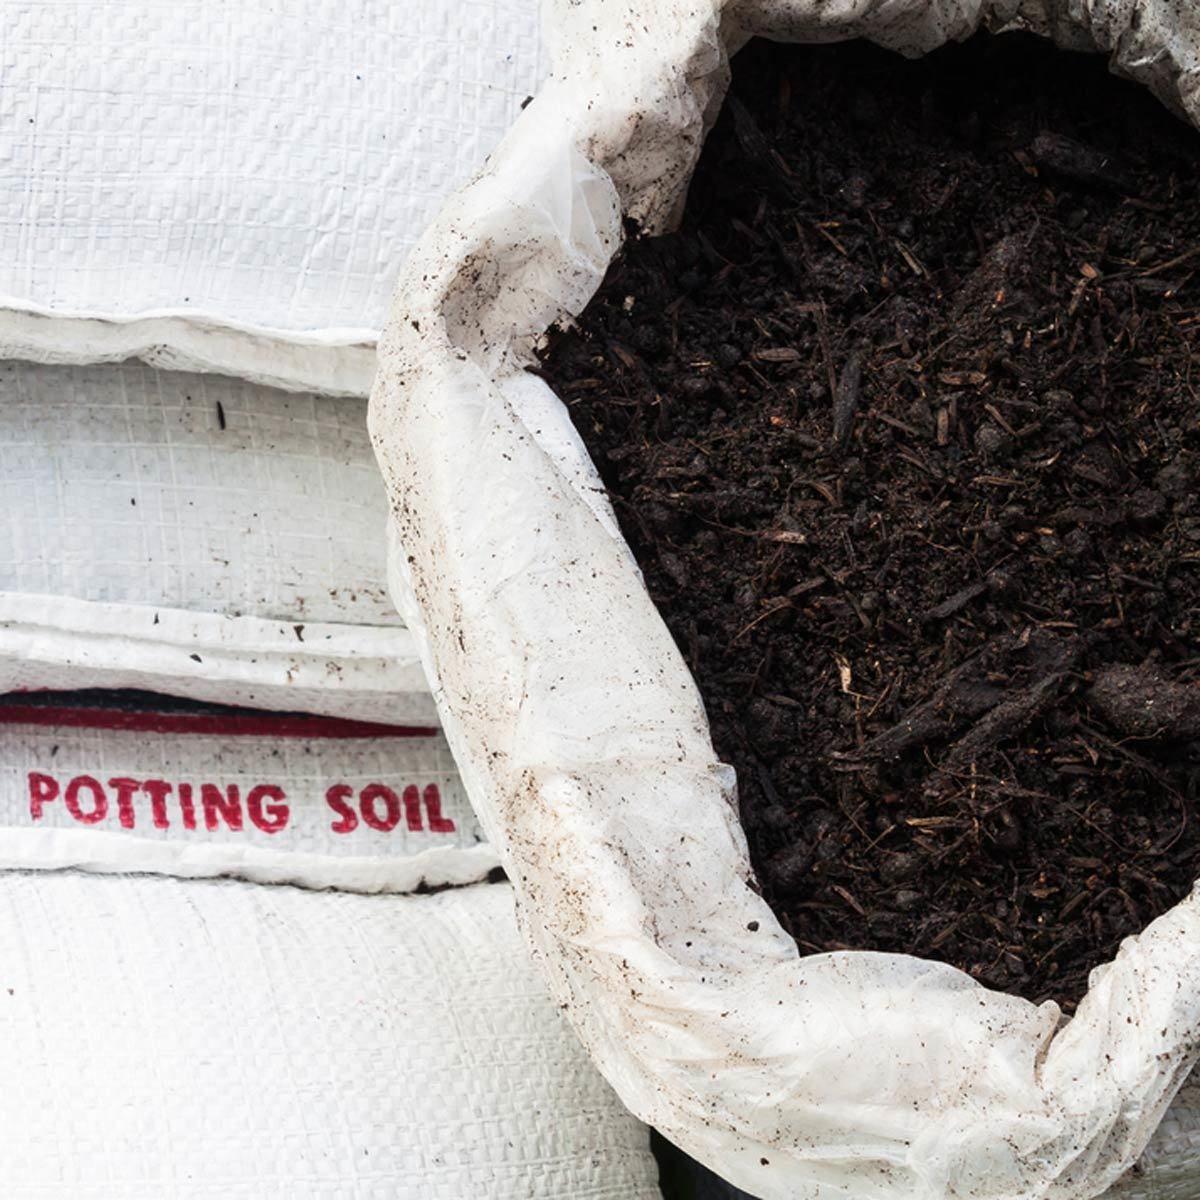 soil in bag